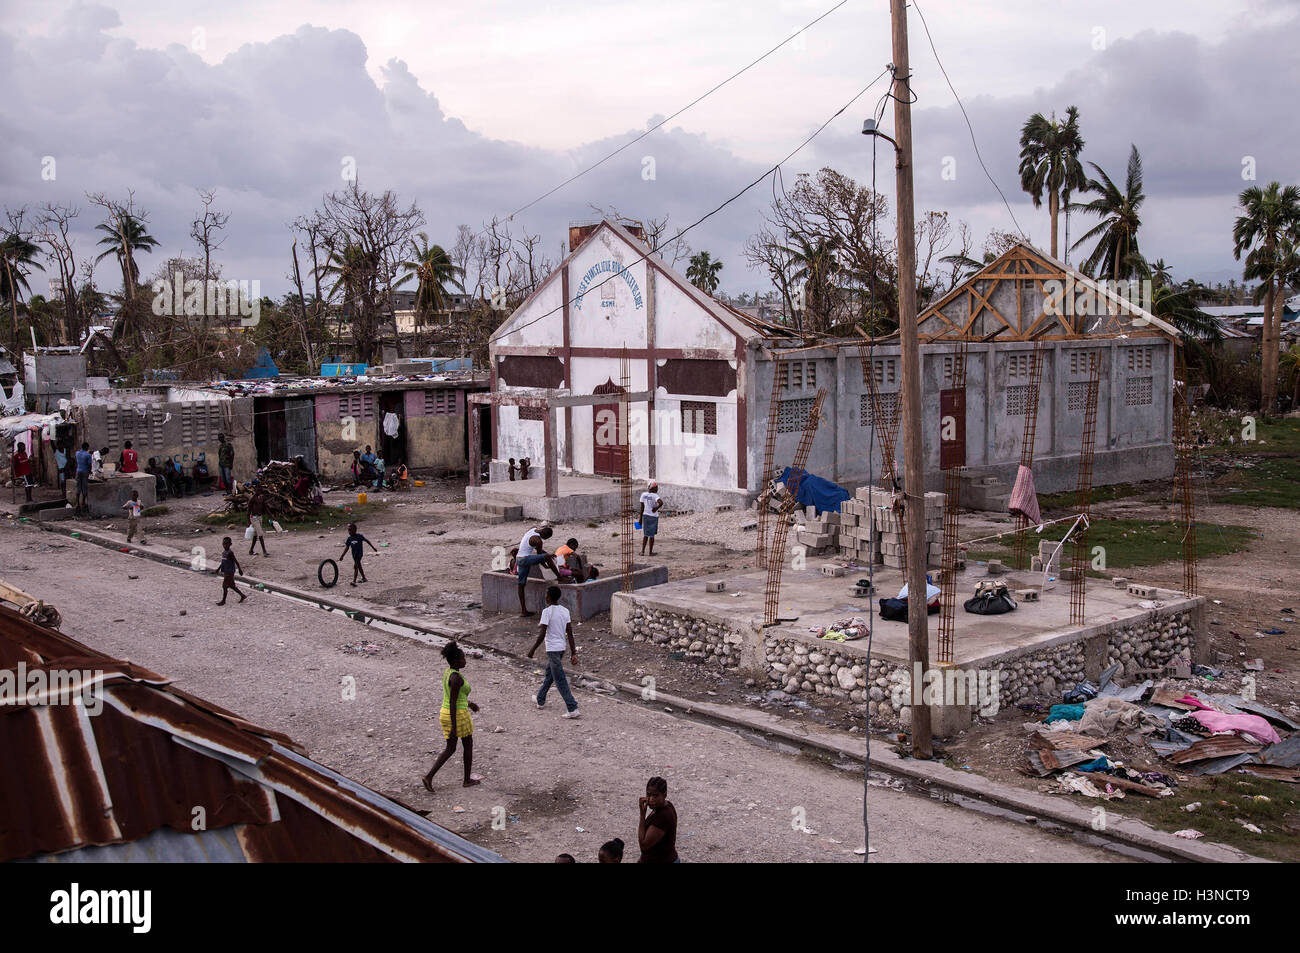 Les Cayes, Haiti. 9. Oktober 2016. Bild zur Verfügung gestellt von Fonds der Vereinten Nationen (UNICEF) zeigt Stockbild